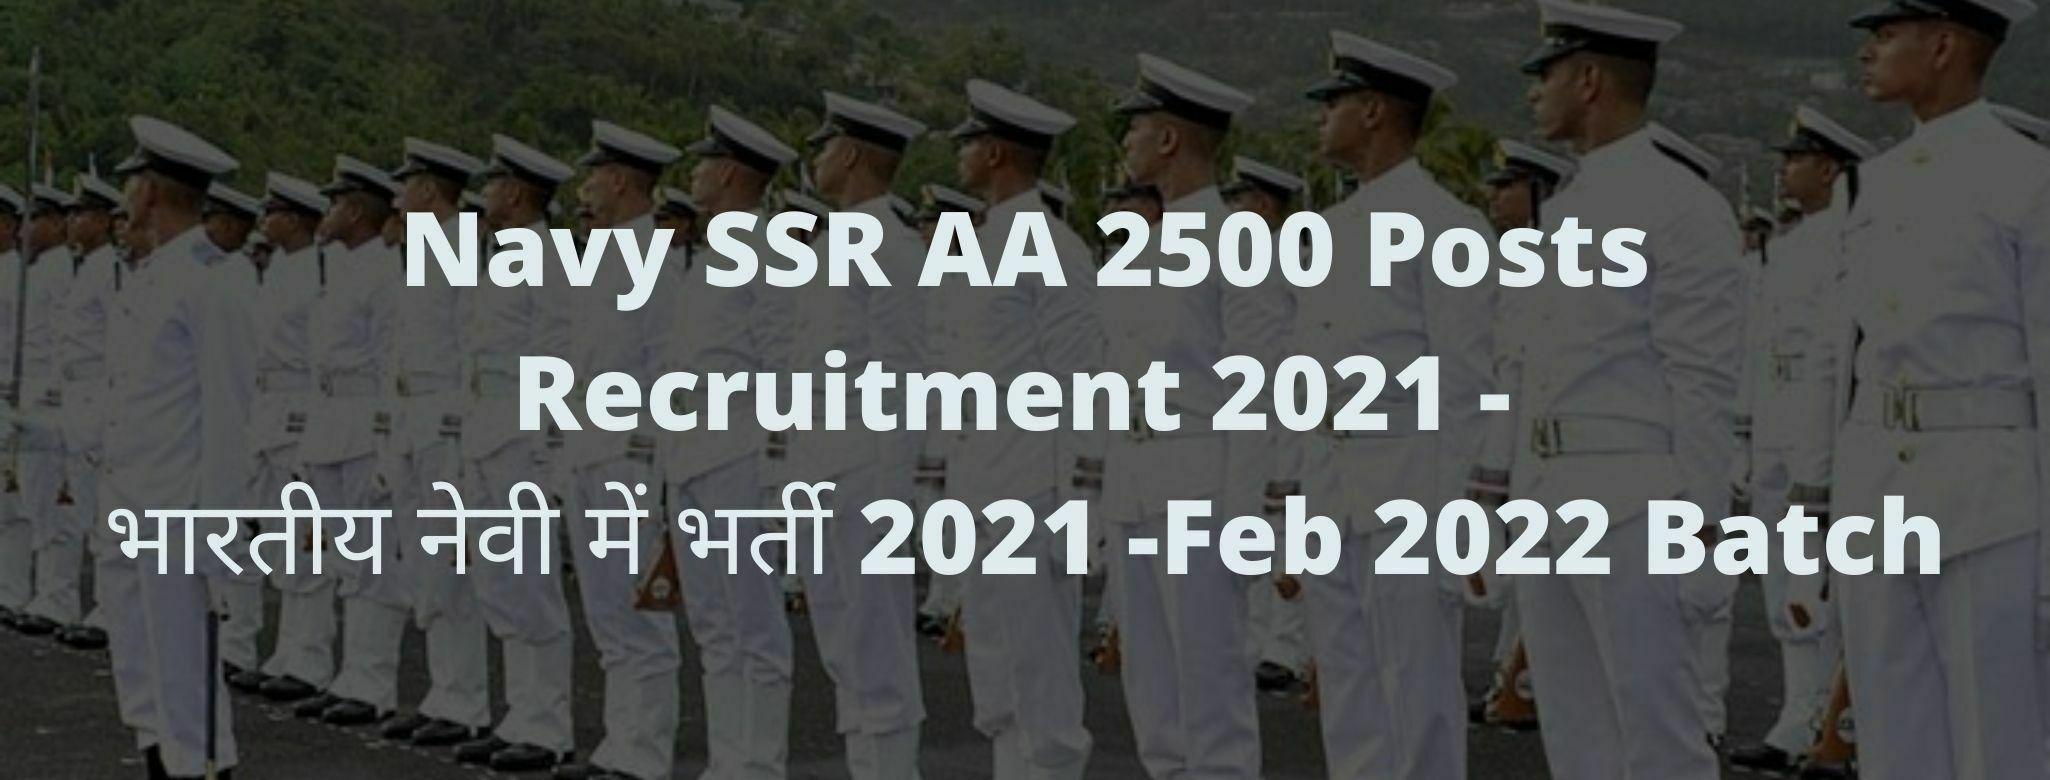 Navy SSR AA Recruitment 2021